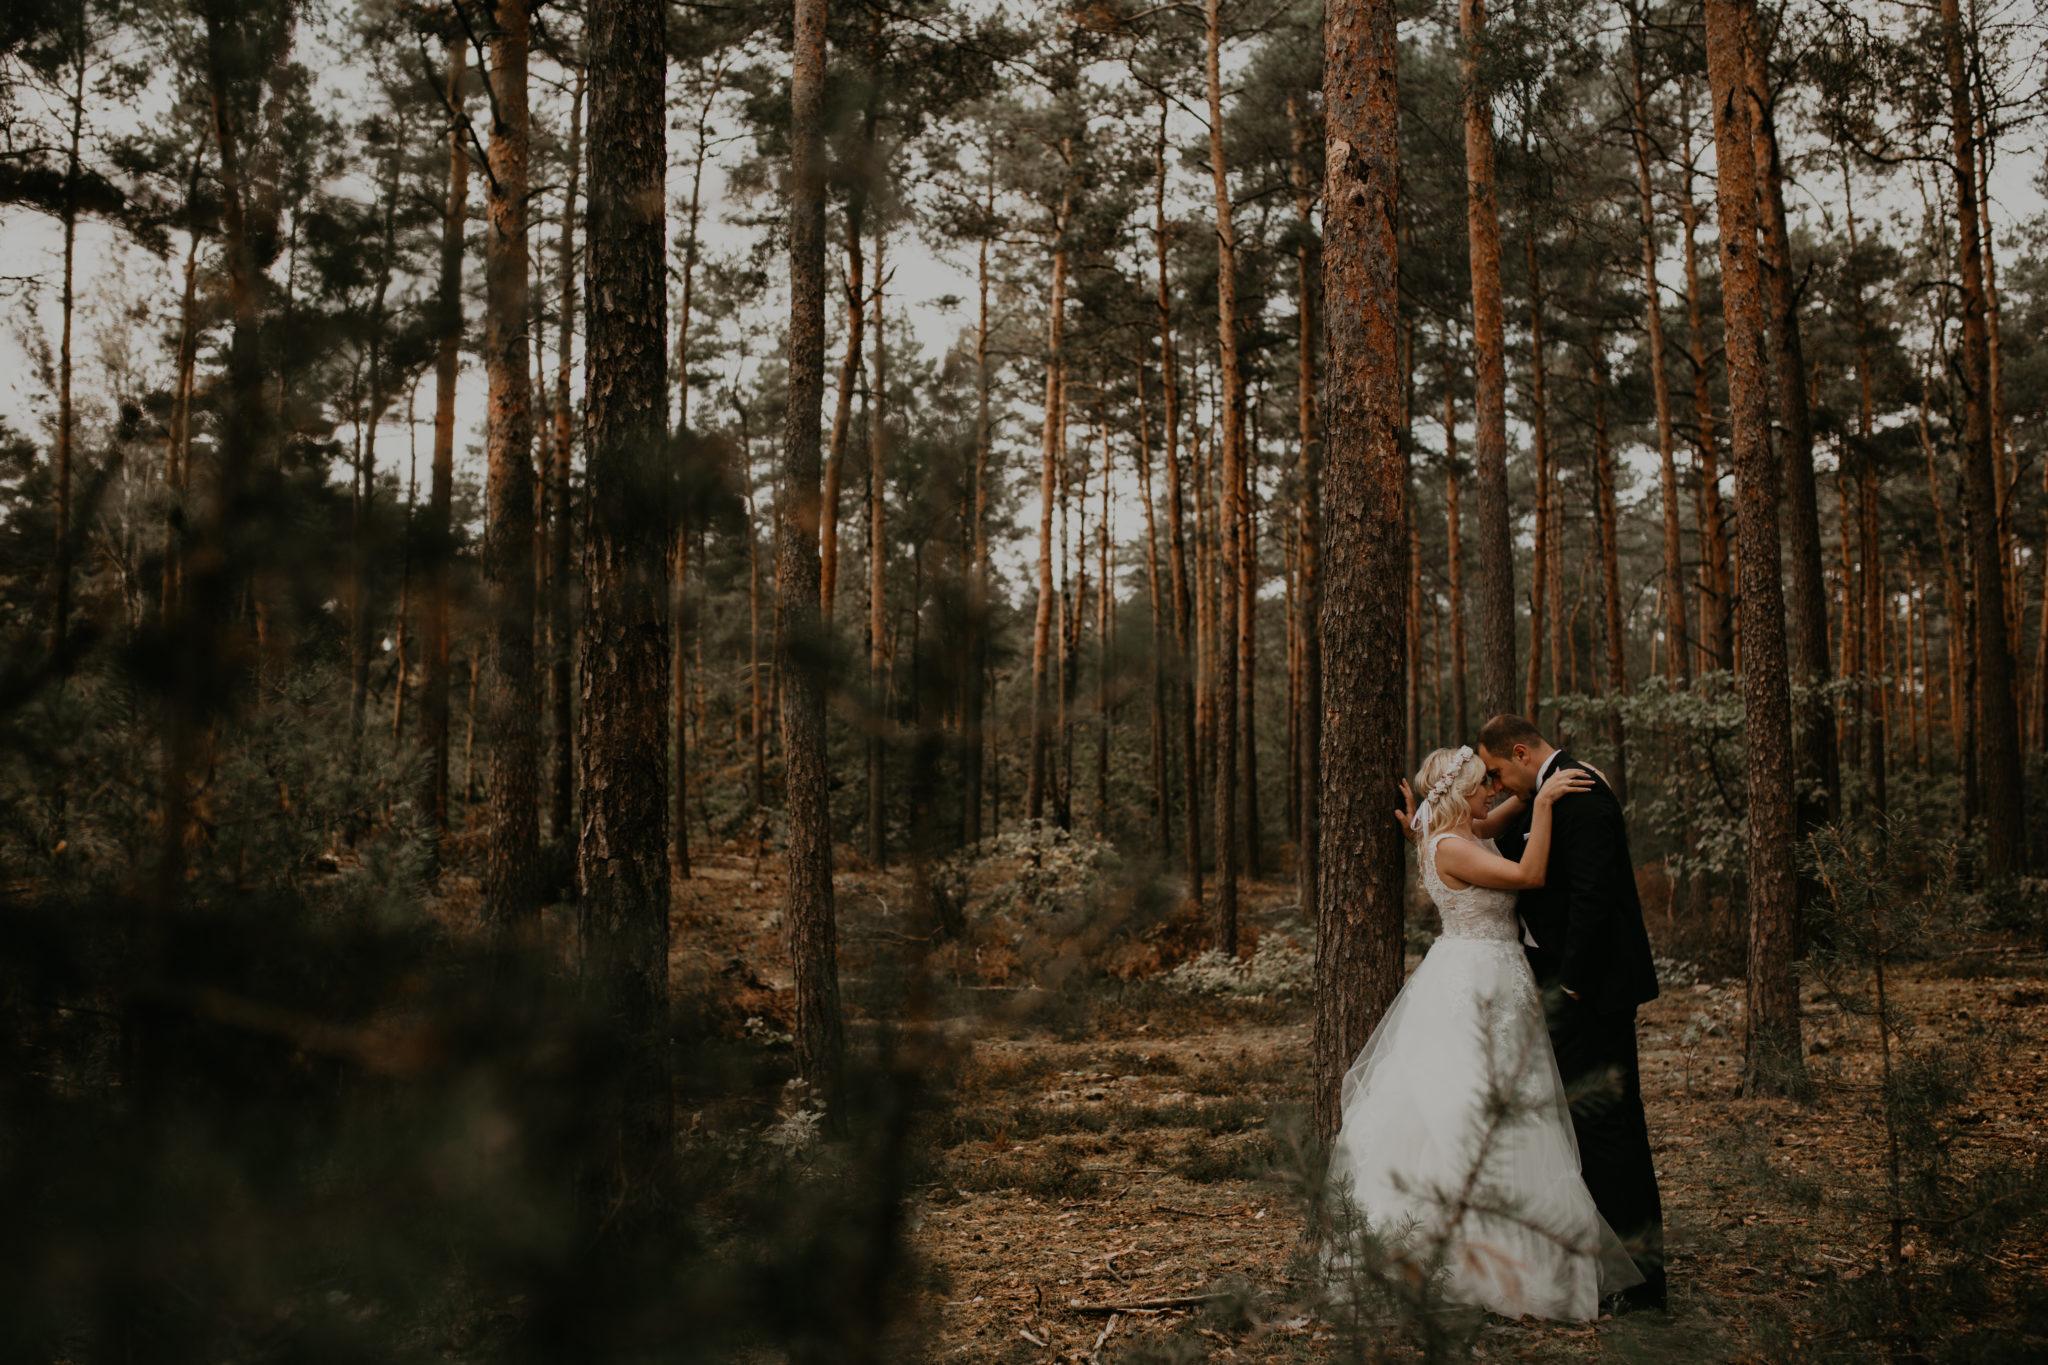 asia i mateuszplener 24 - fotografiaam Fotografia ślubna RK wedding